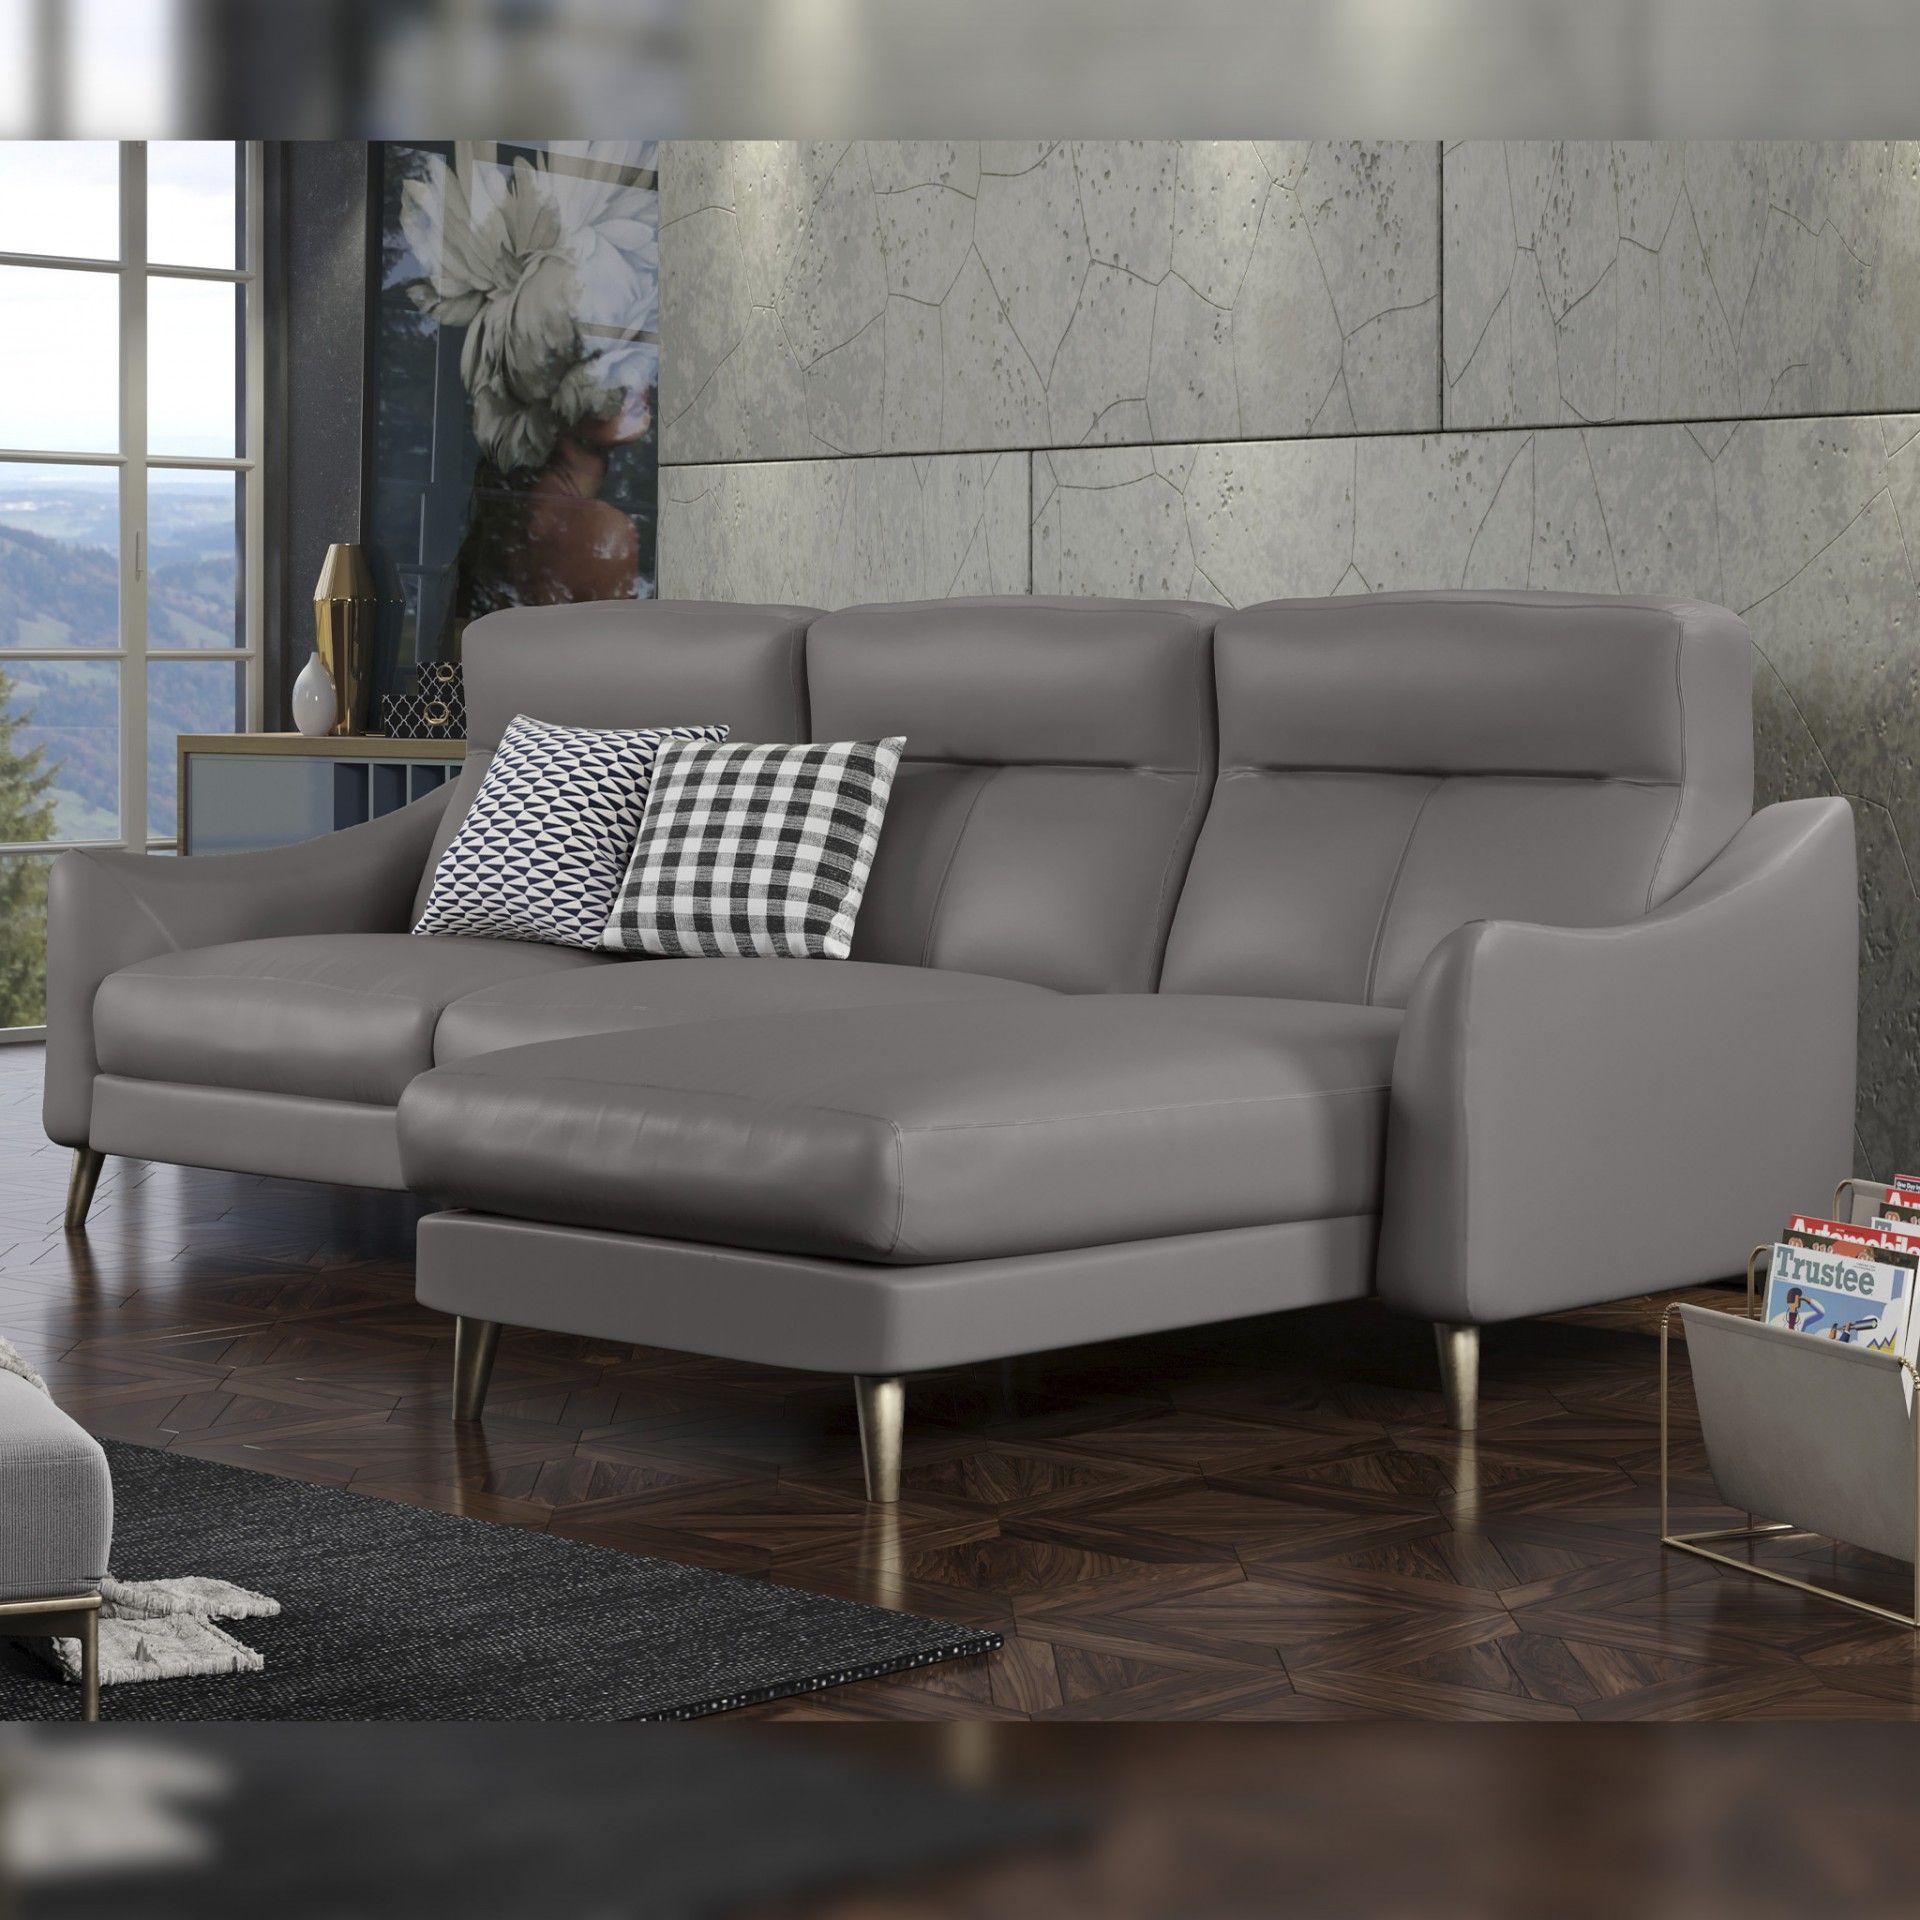 5 aspetos a ter em conta quando for comprar um sofá | Moviflor